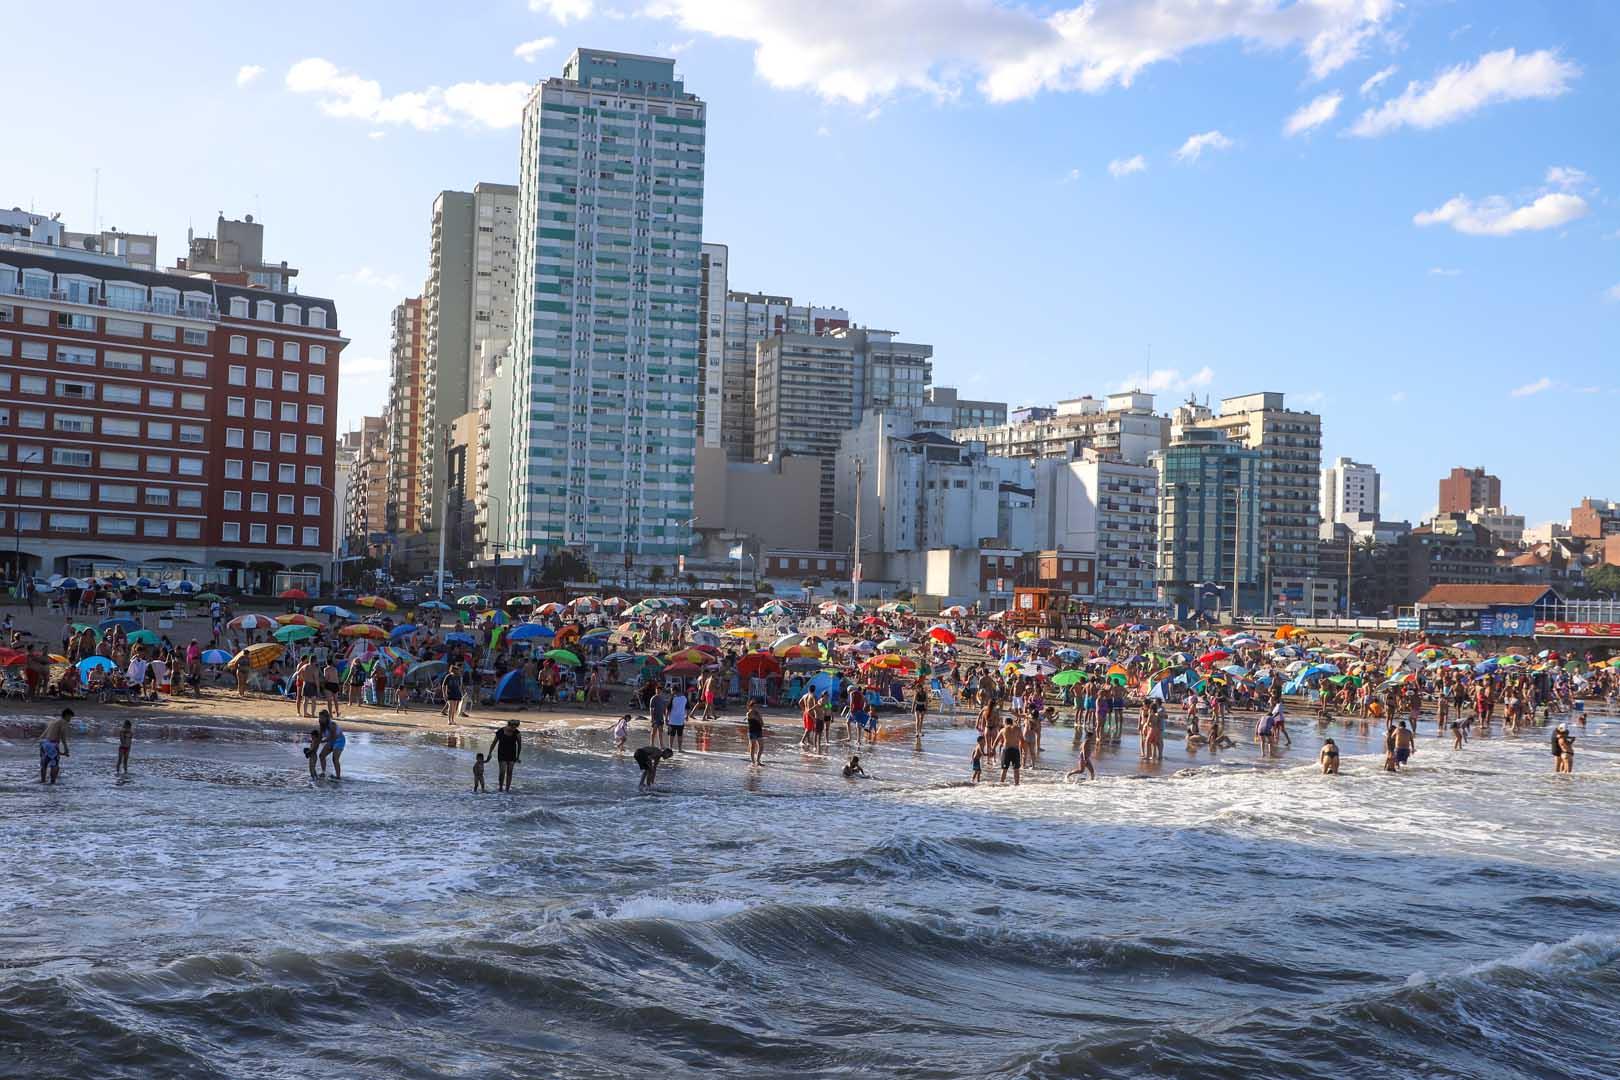 Según el Ministerio de Turismo de la Nación, más de 2.4 millones de personas se movilizaron por todo el país durante el cuarto fin de semana del año